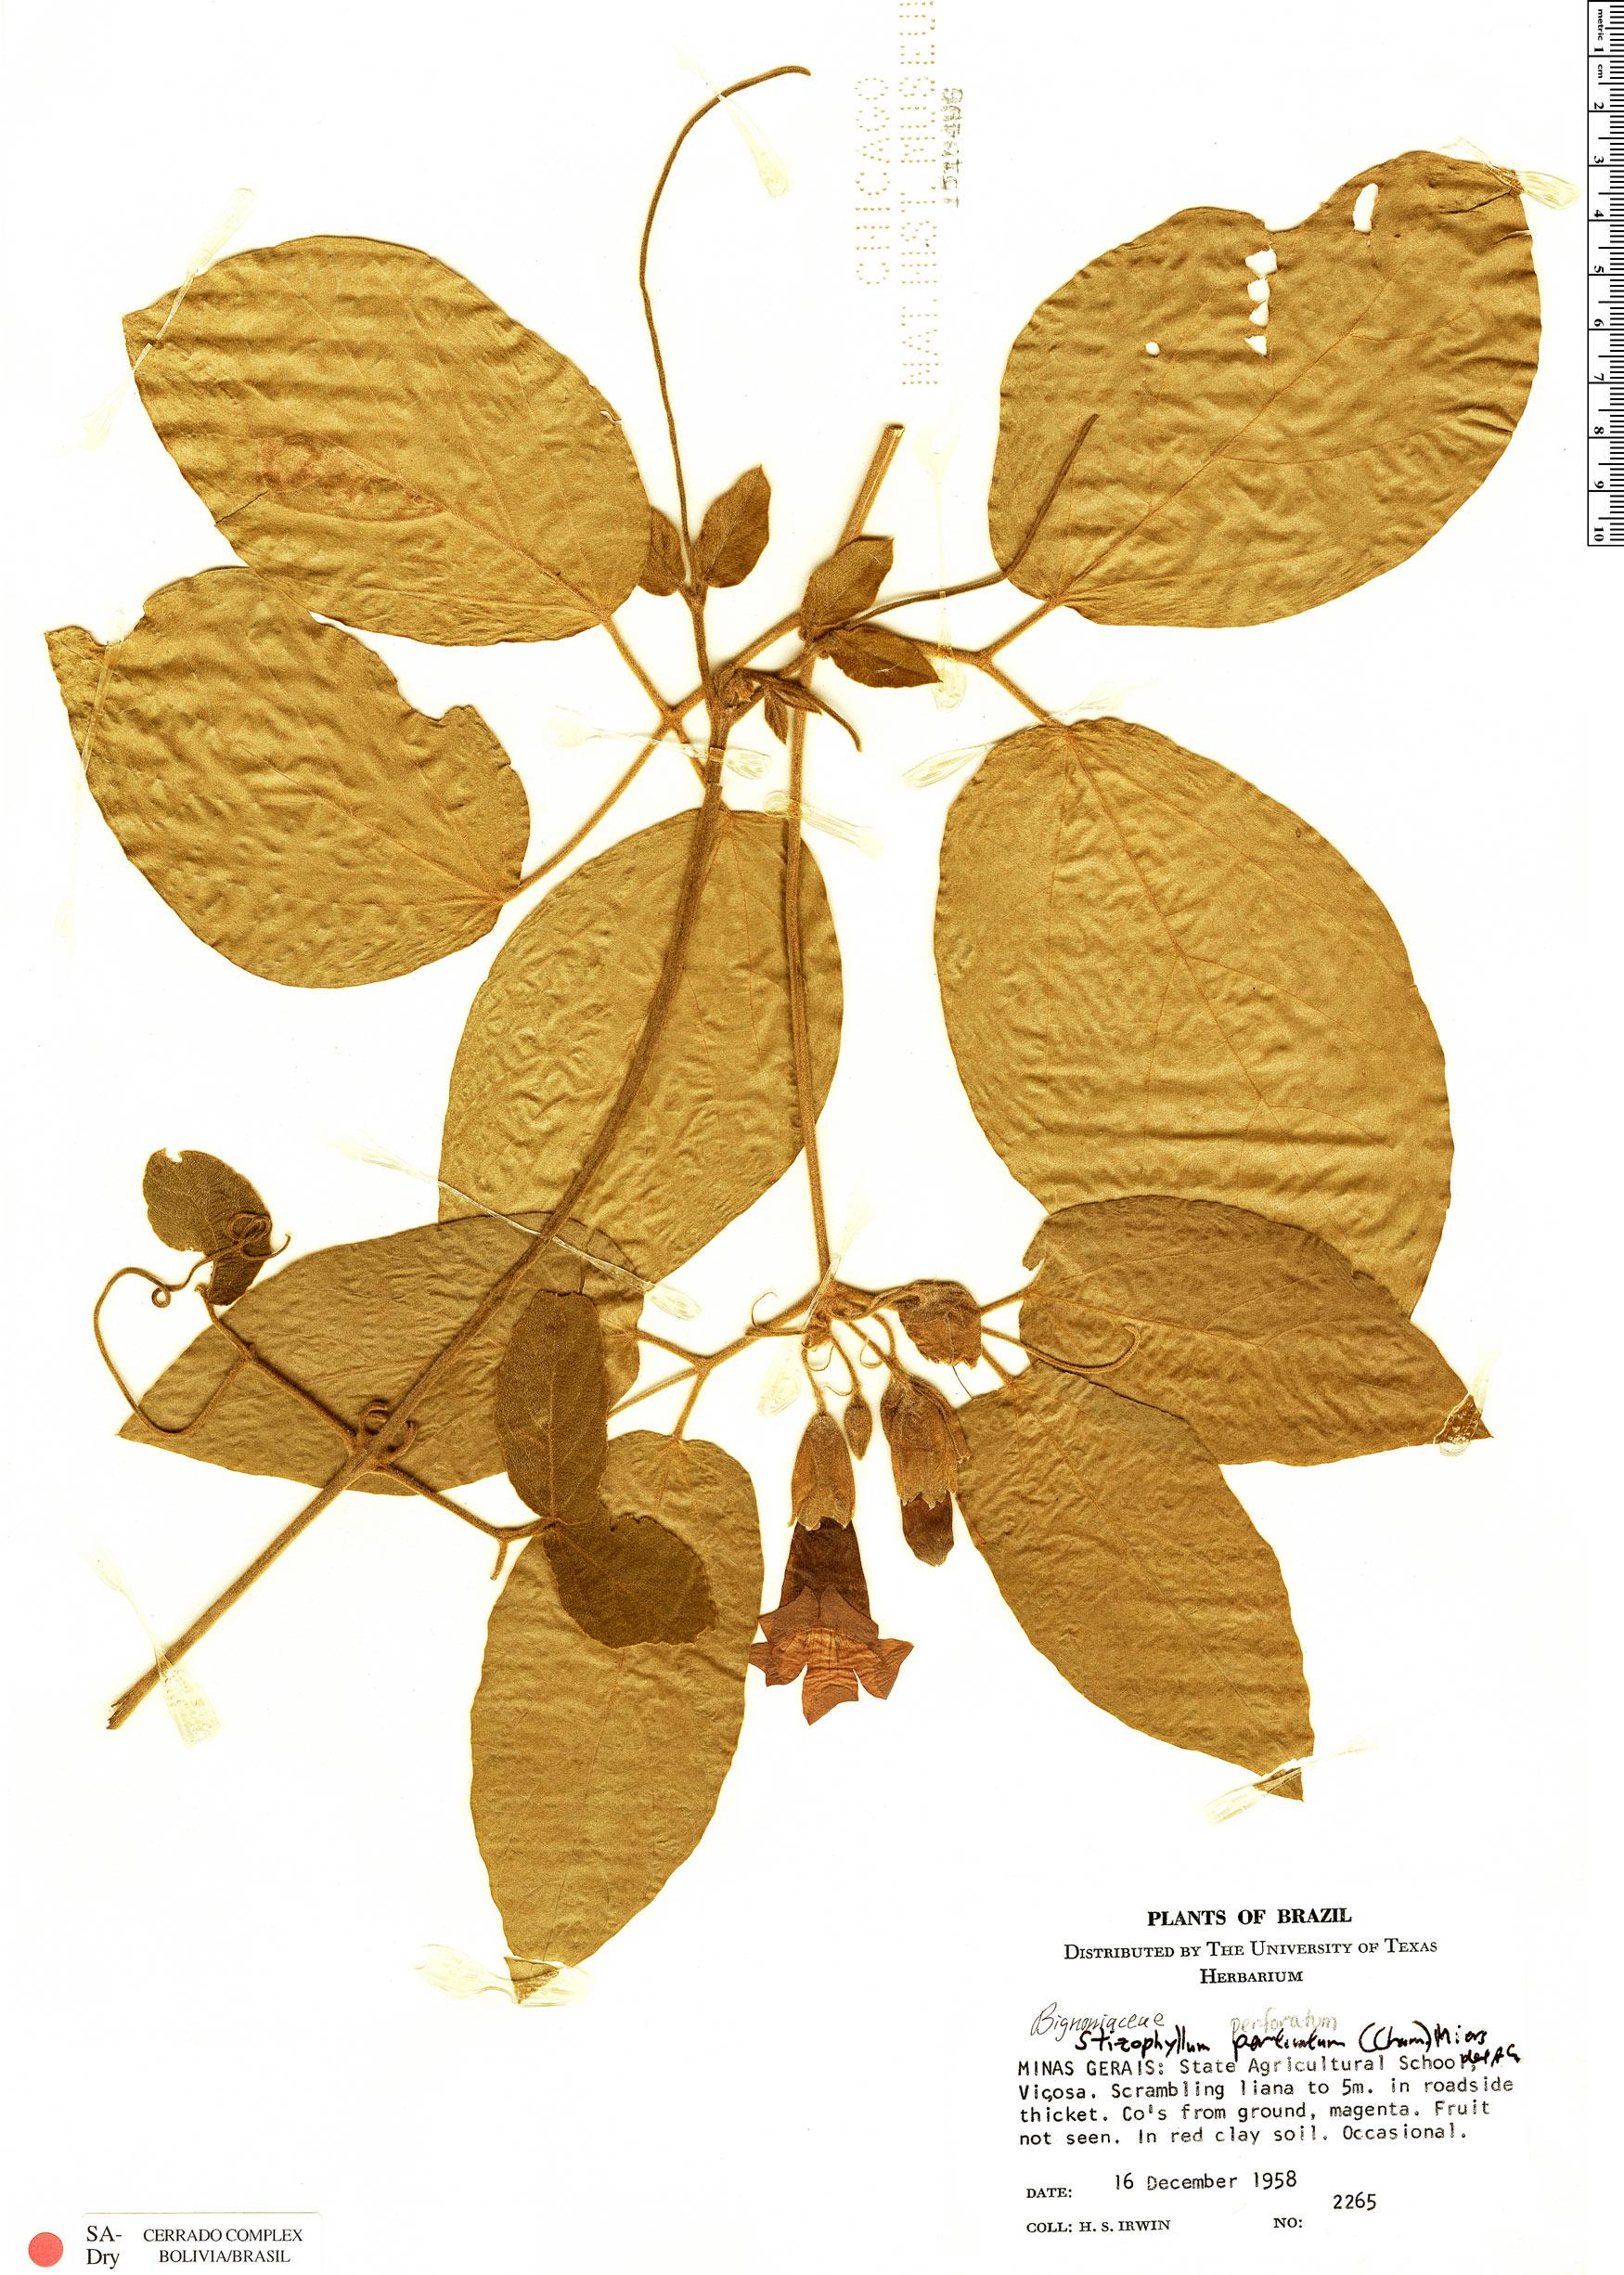 Specimen: Stizophyllum perforatum